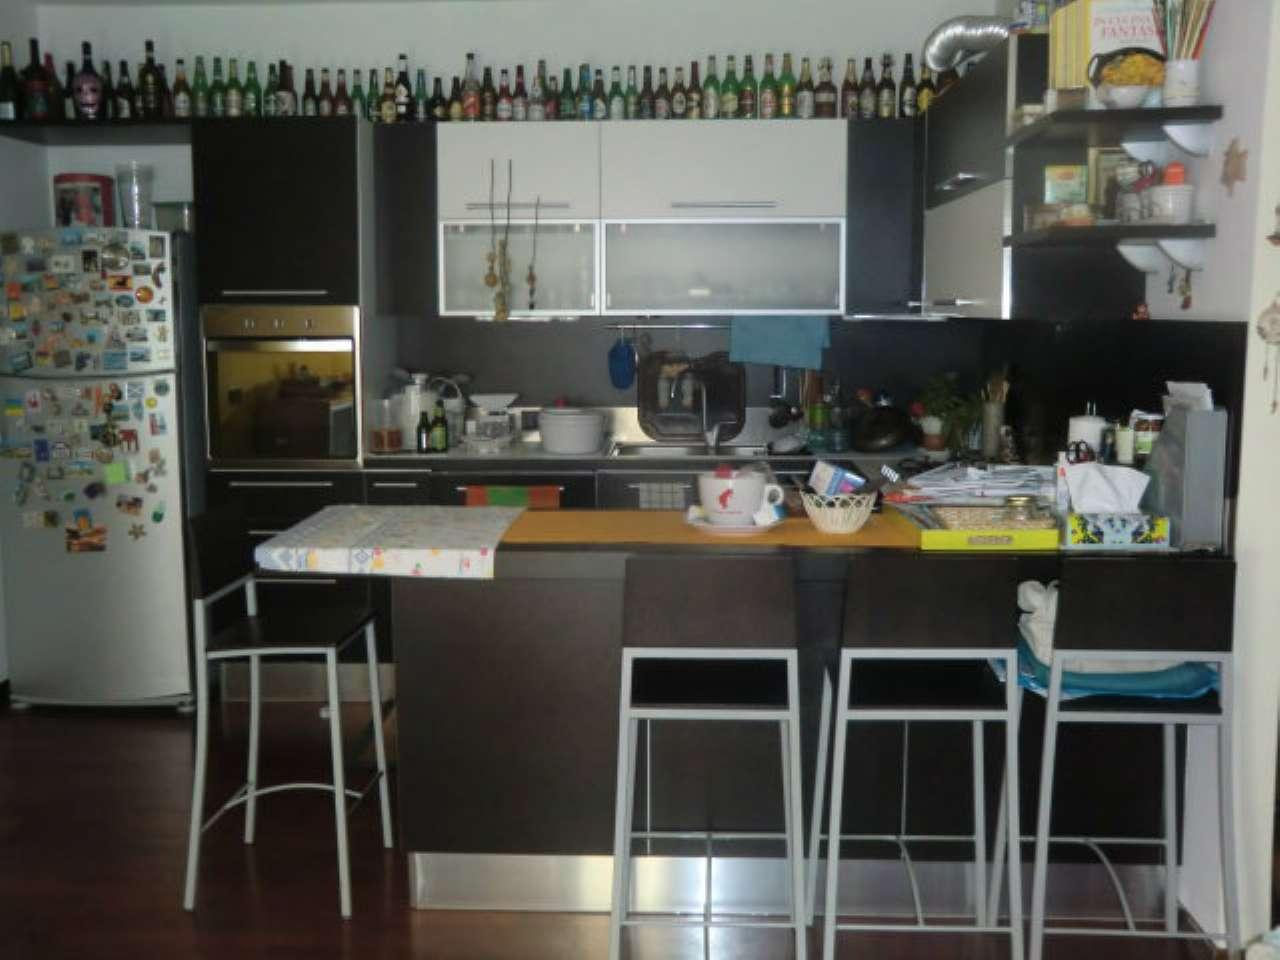 Appartamento in vendita a Padova, 4 locali, zona Zona: 6 . Ovest (Brentella-Valsugana), prezzo € 185.000 | CambioCasa.it